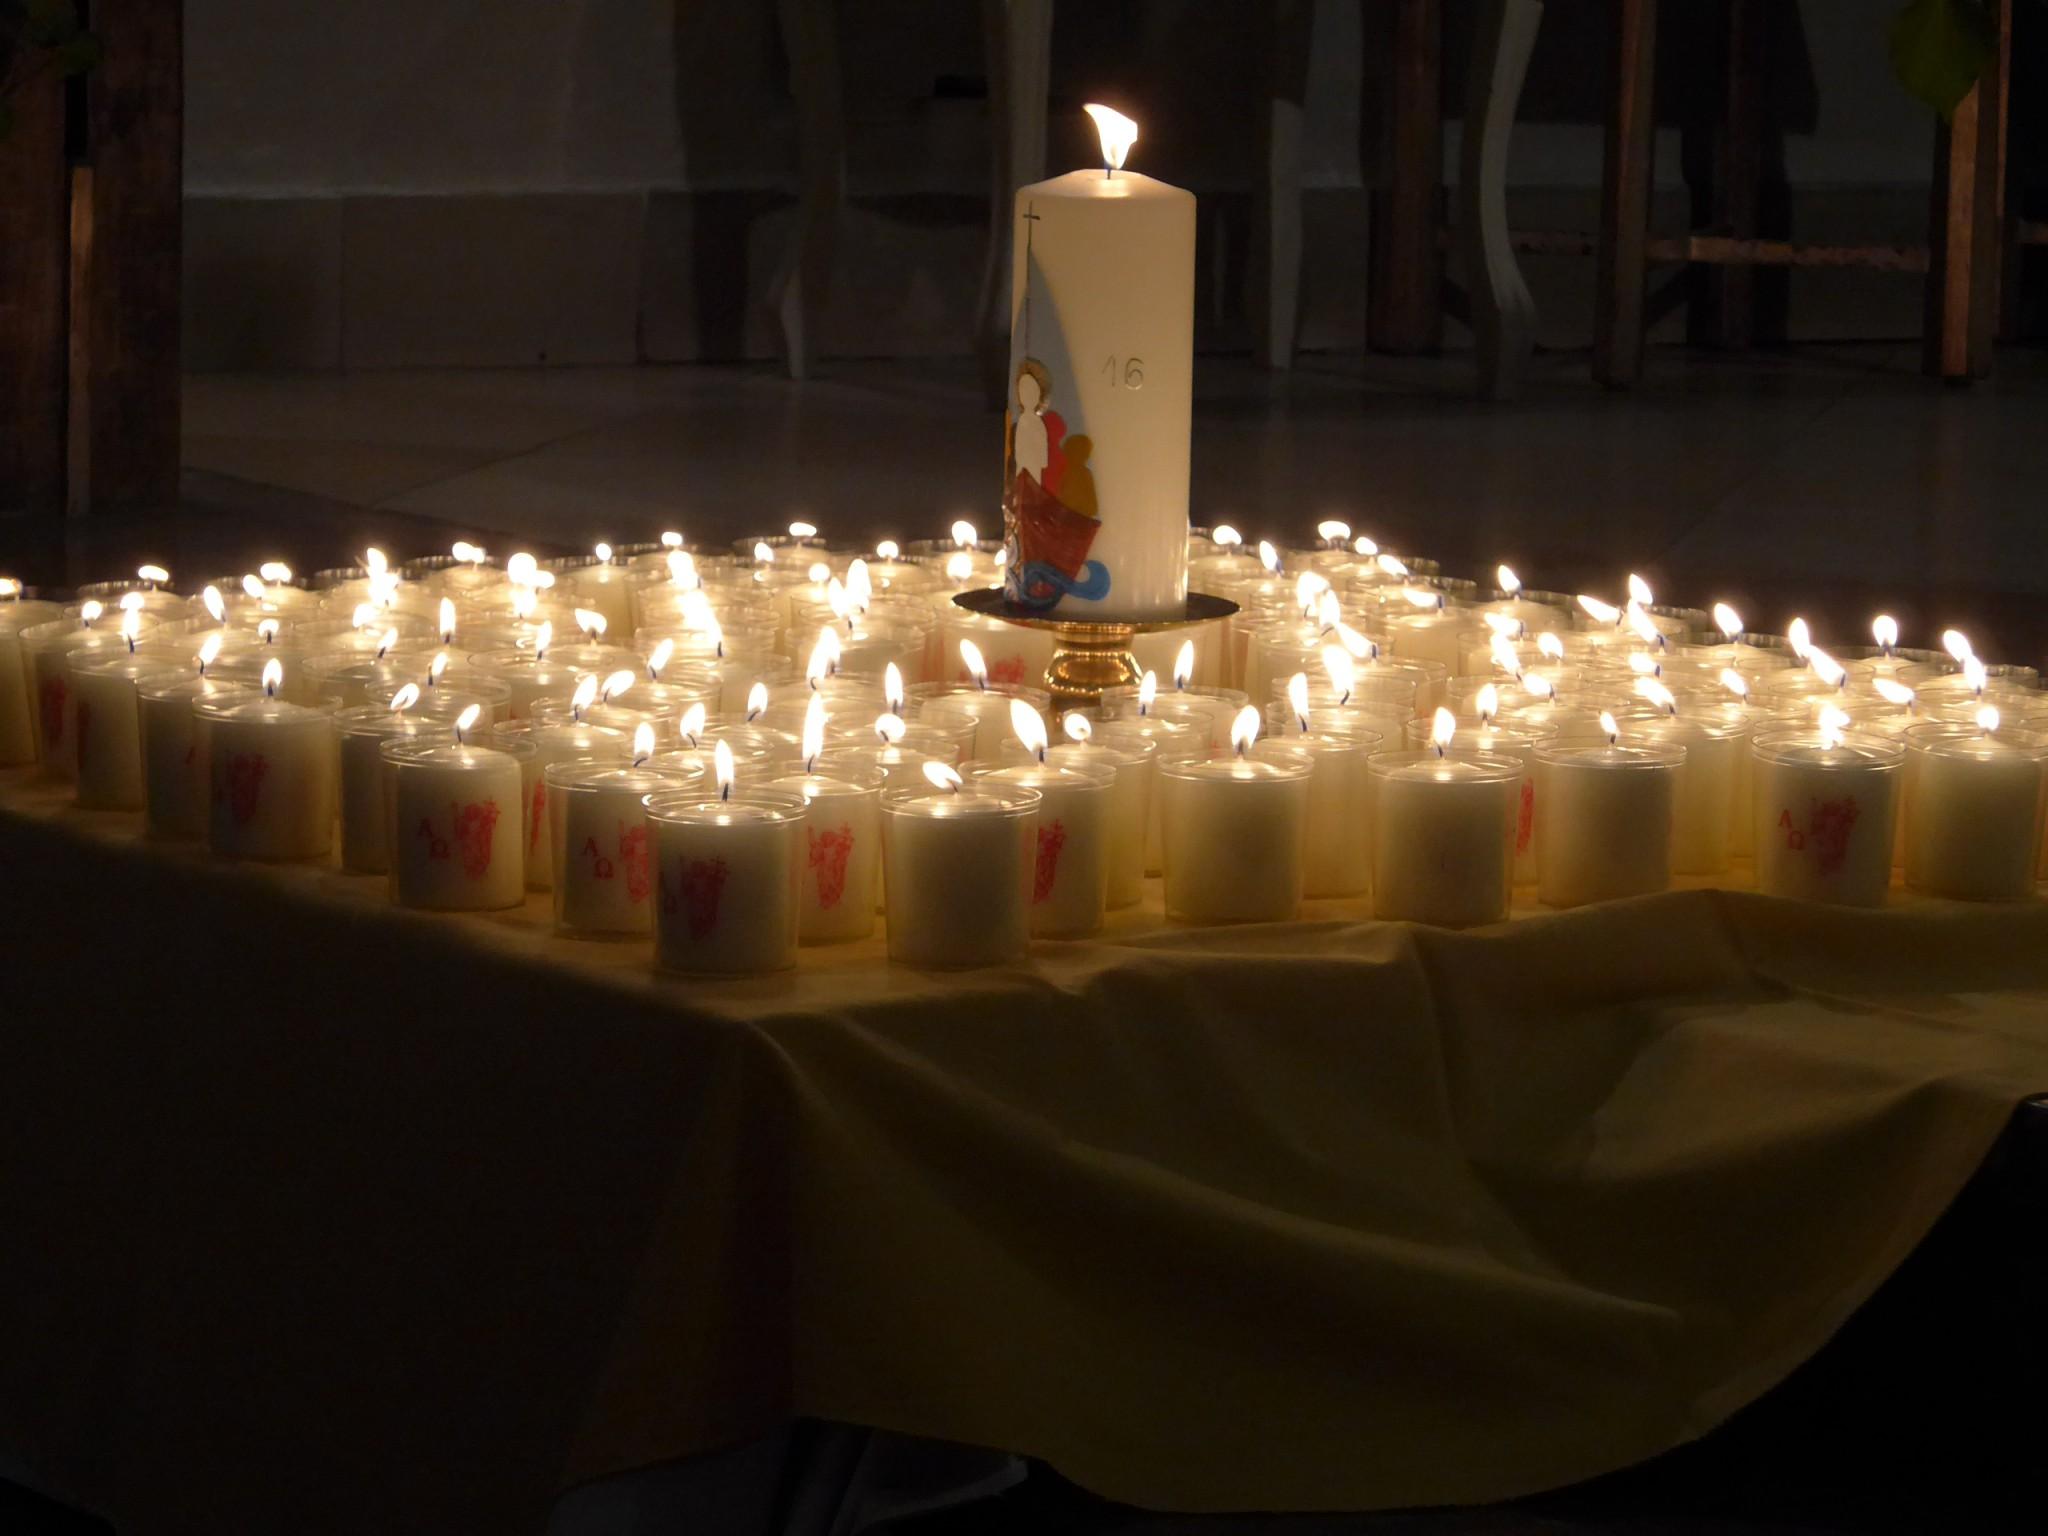 Die Jesuskerze in mitten der Kerzen für die Kinder